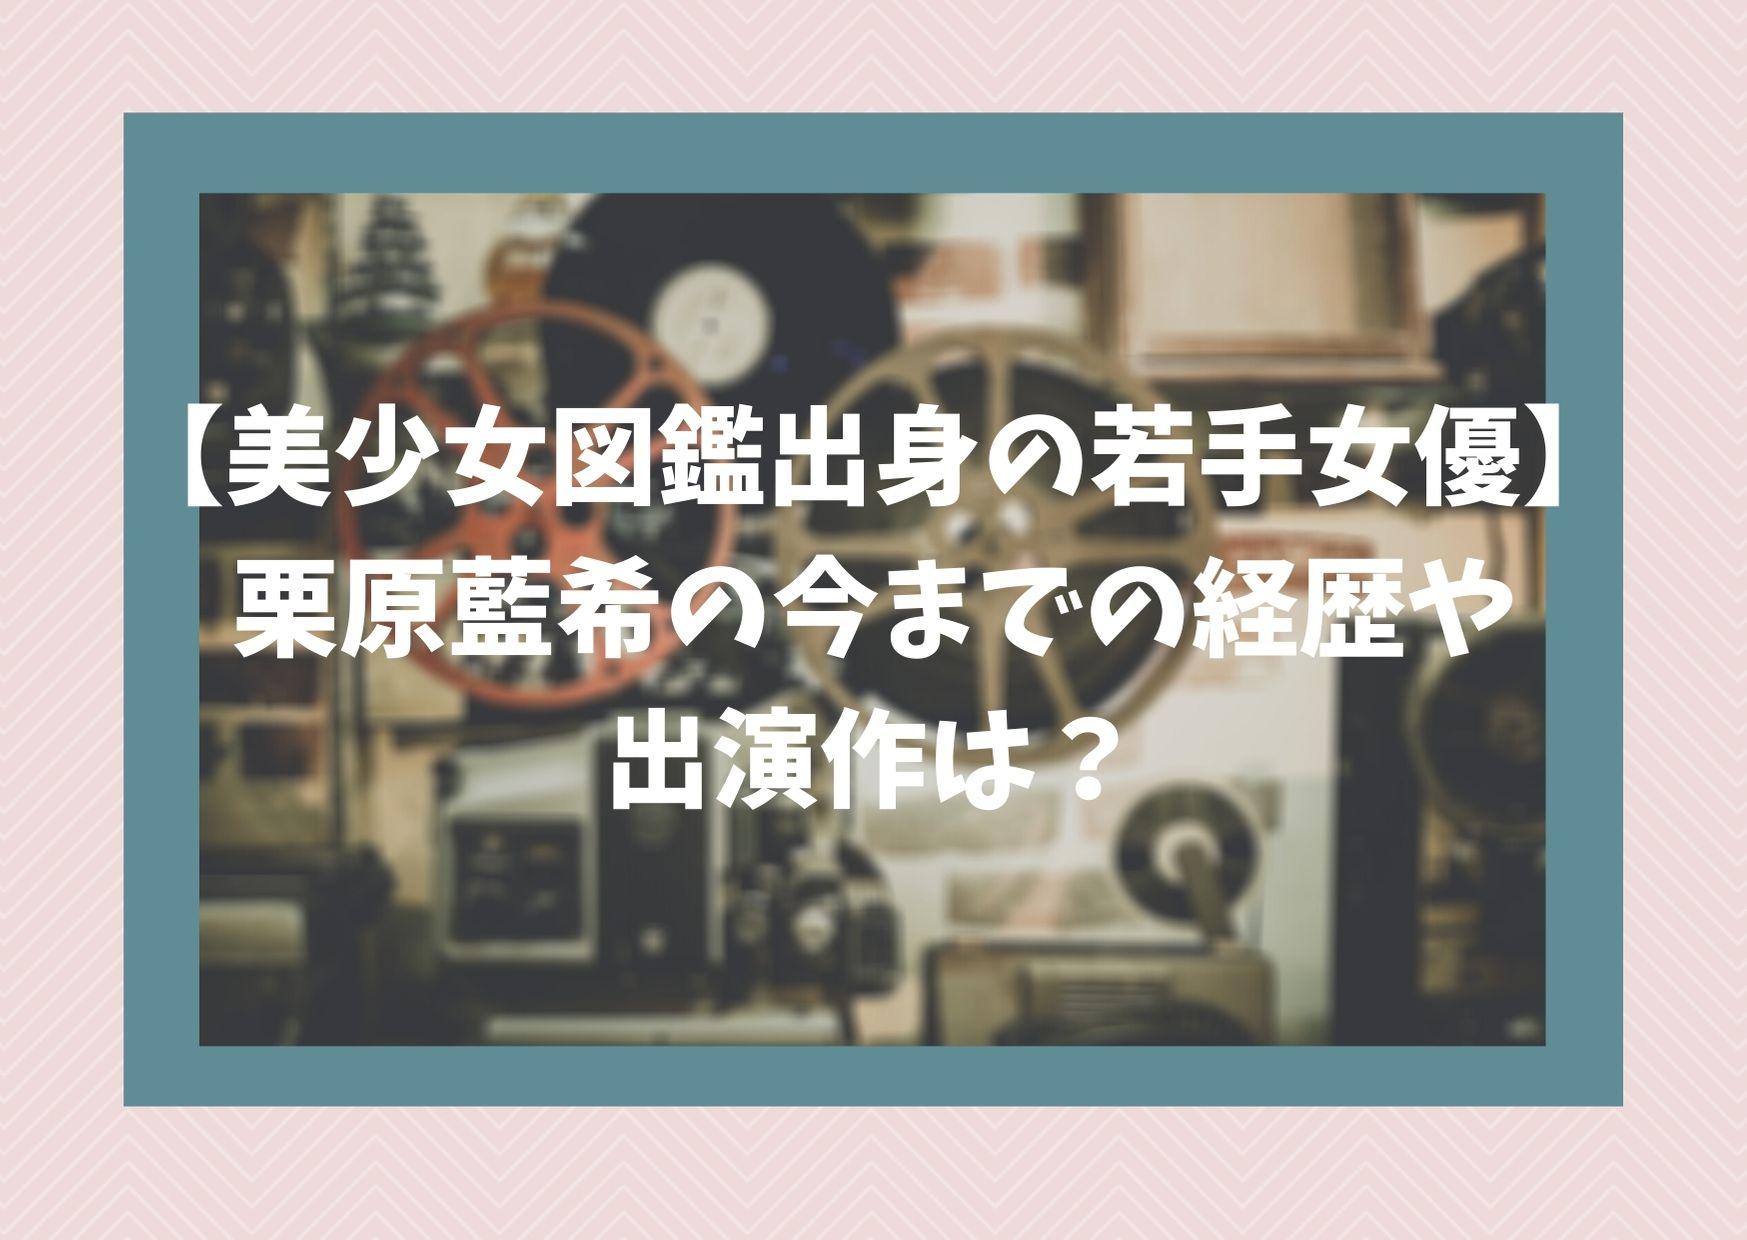 【美少女図鑑出身の若手女優】栗原藍希の今までの経歴や出演作は?